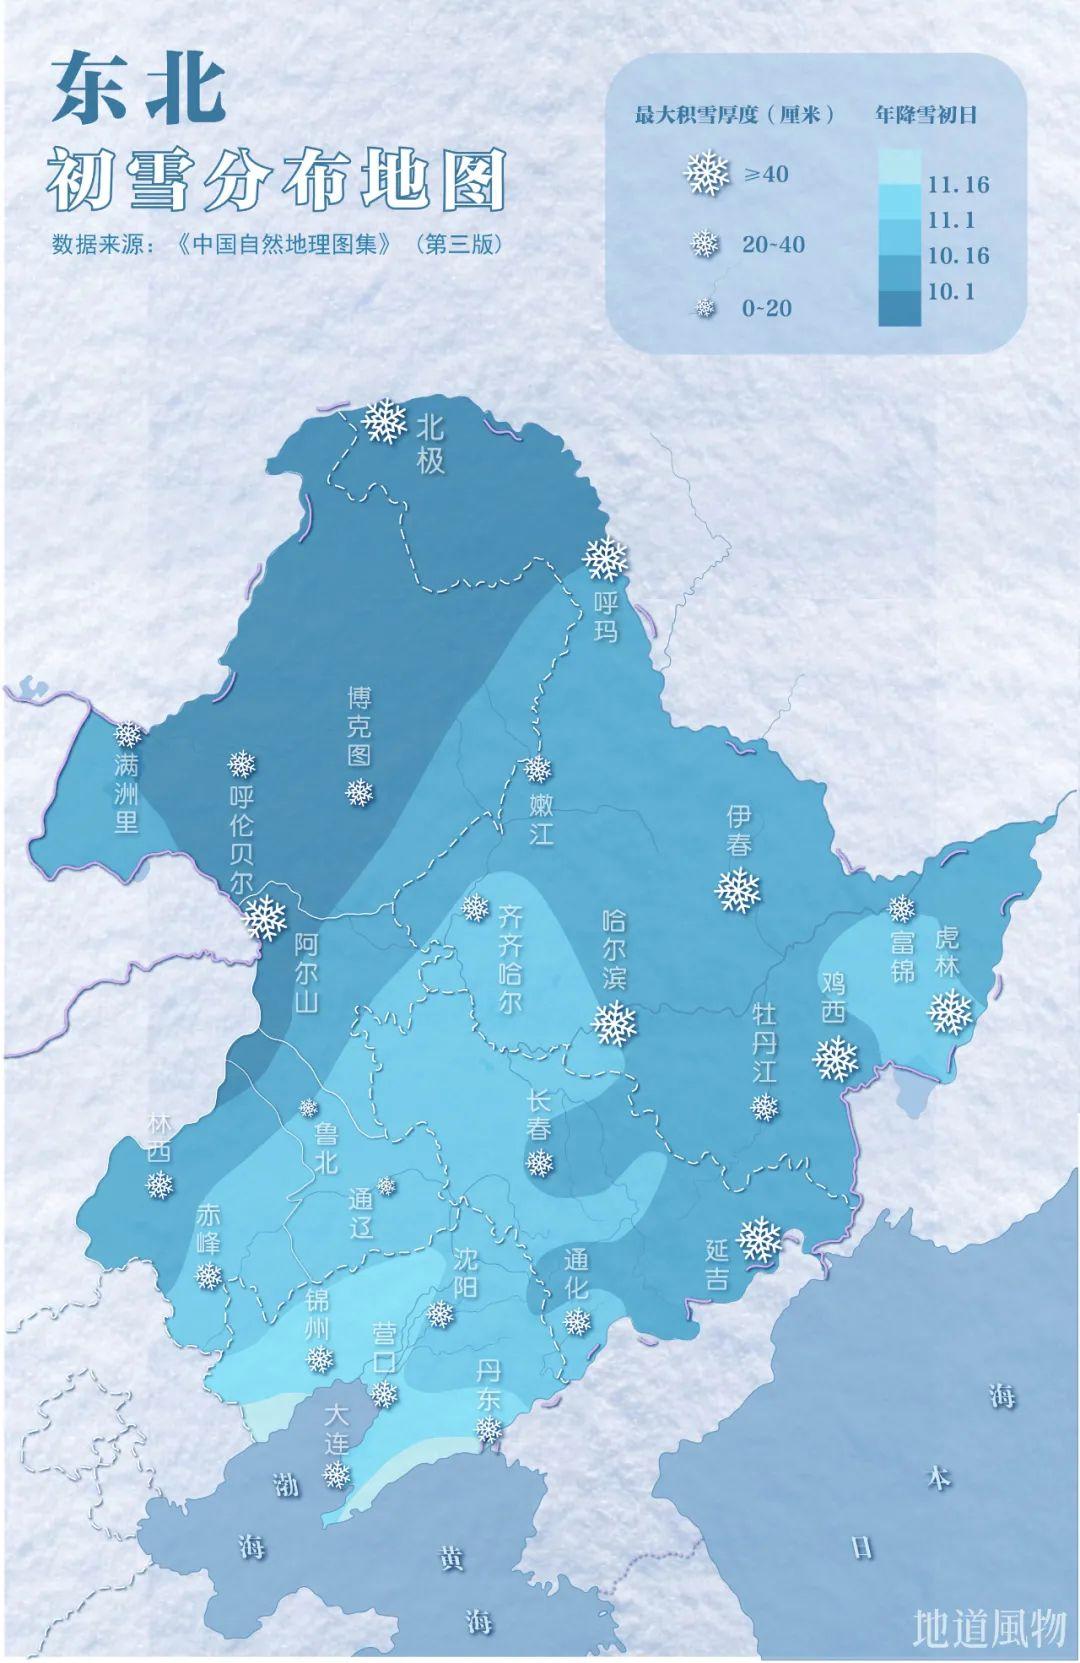 ▲ 东北地区平均初雪时间地图。制图/伍攀